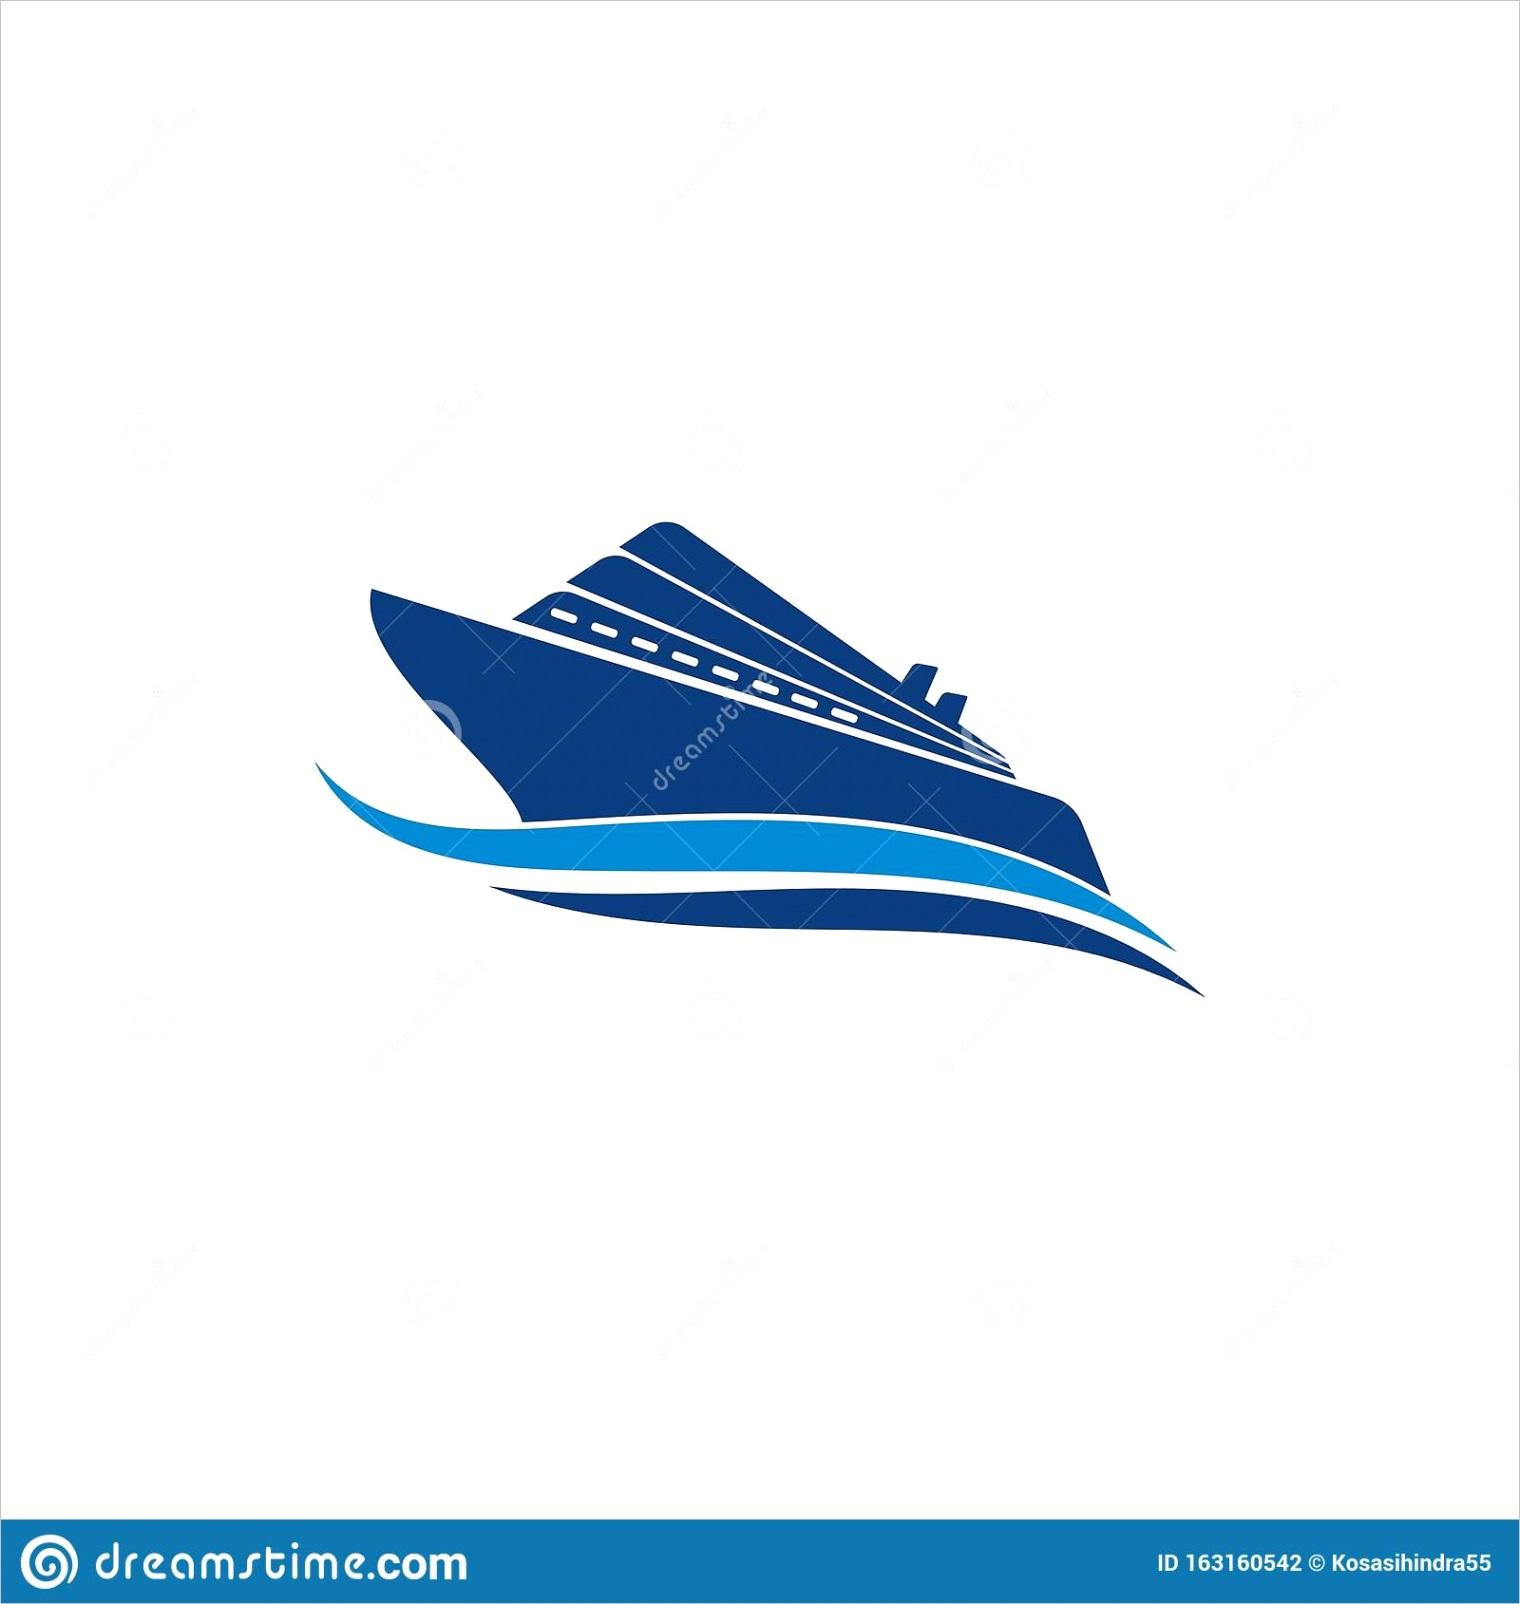 cruise ship logo template vector icon design image